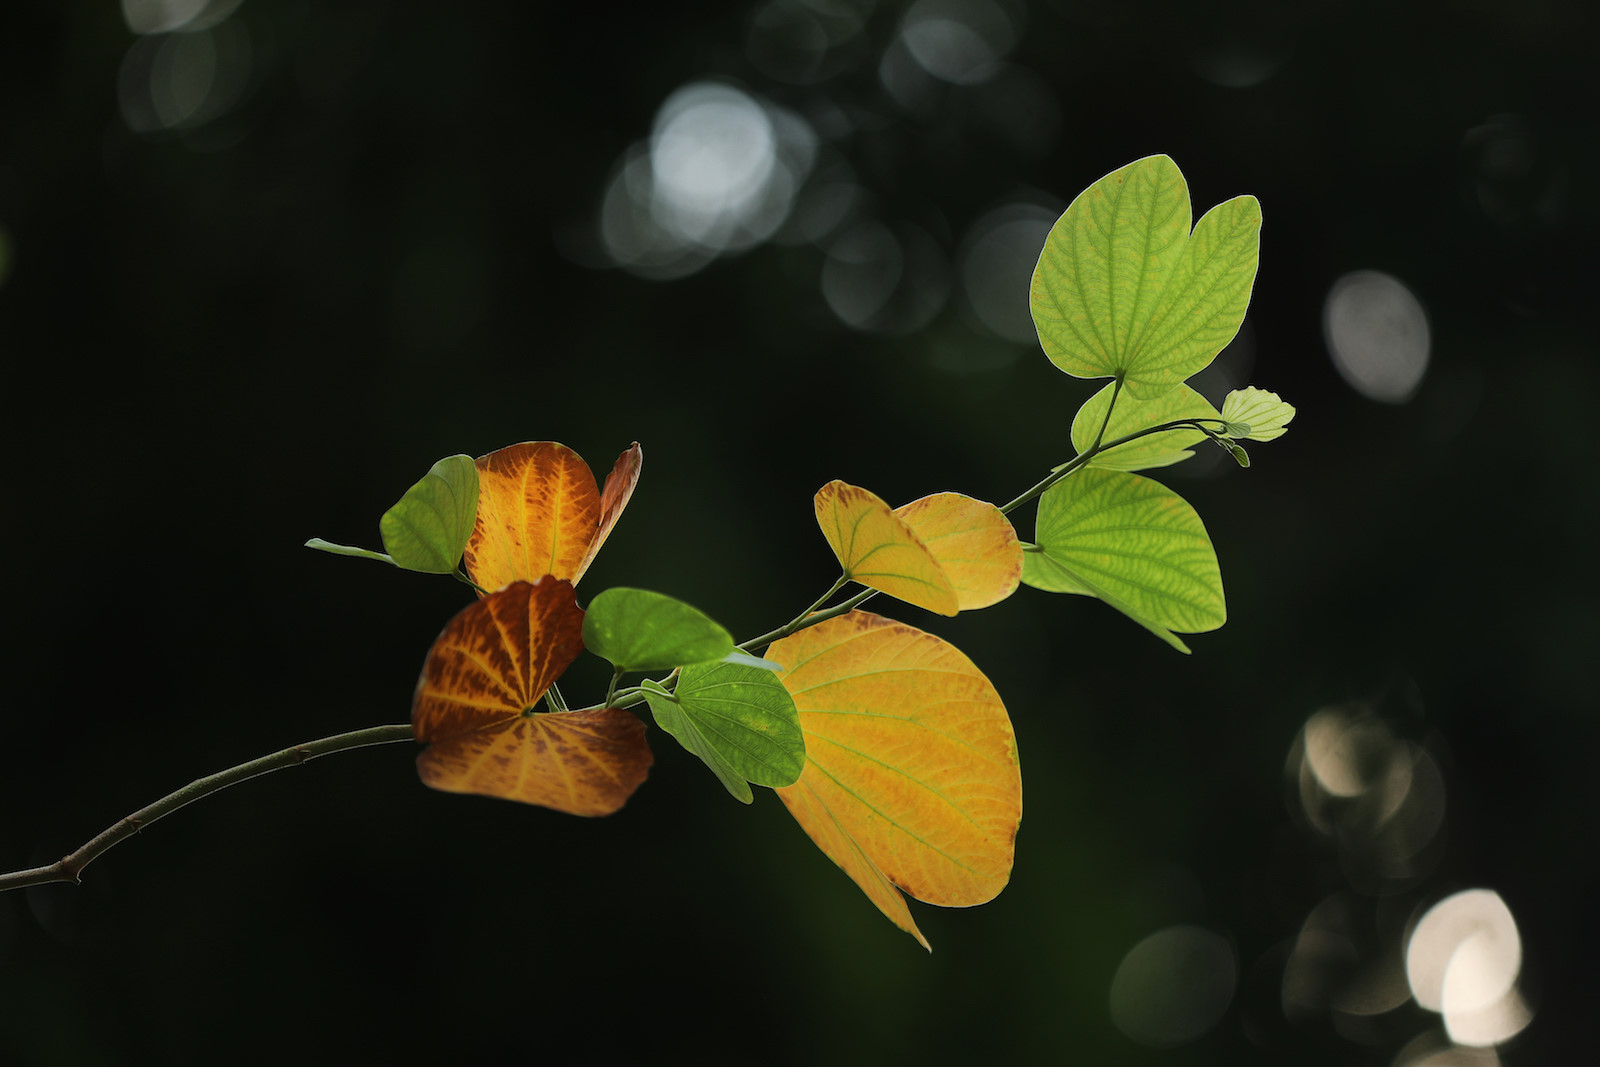 Những khoảnh khắc mùa thu Hà Nội lay động lòng người - 11